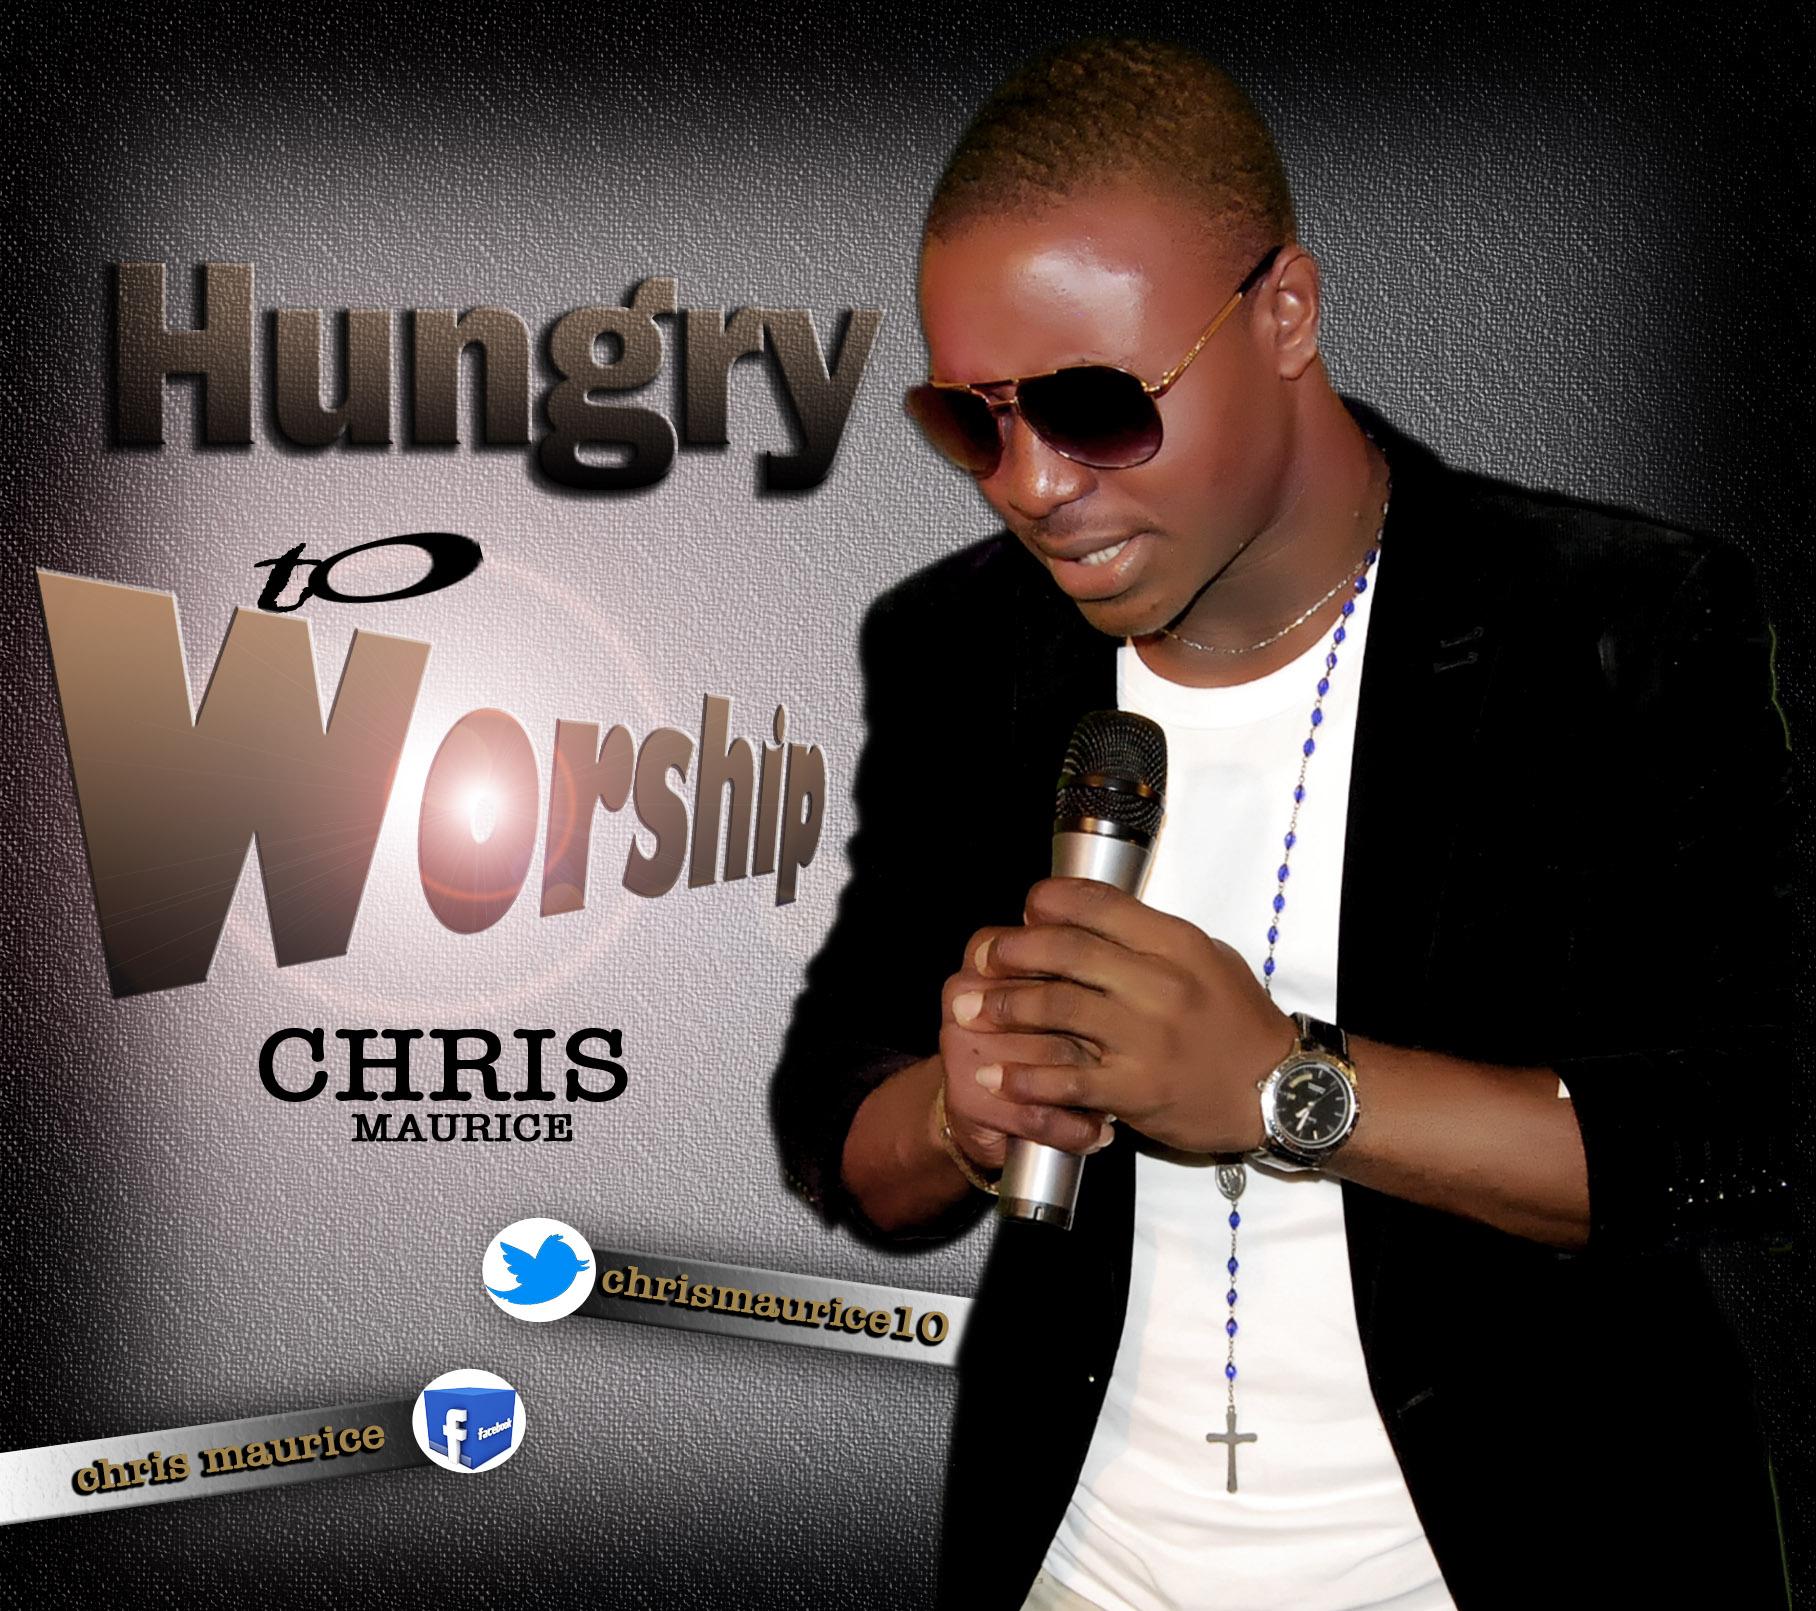 HUNGRY TO WORSHIP - Chris Maurice [@ChrisMaurice10]